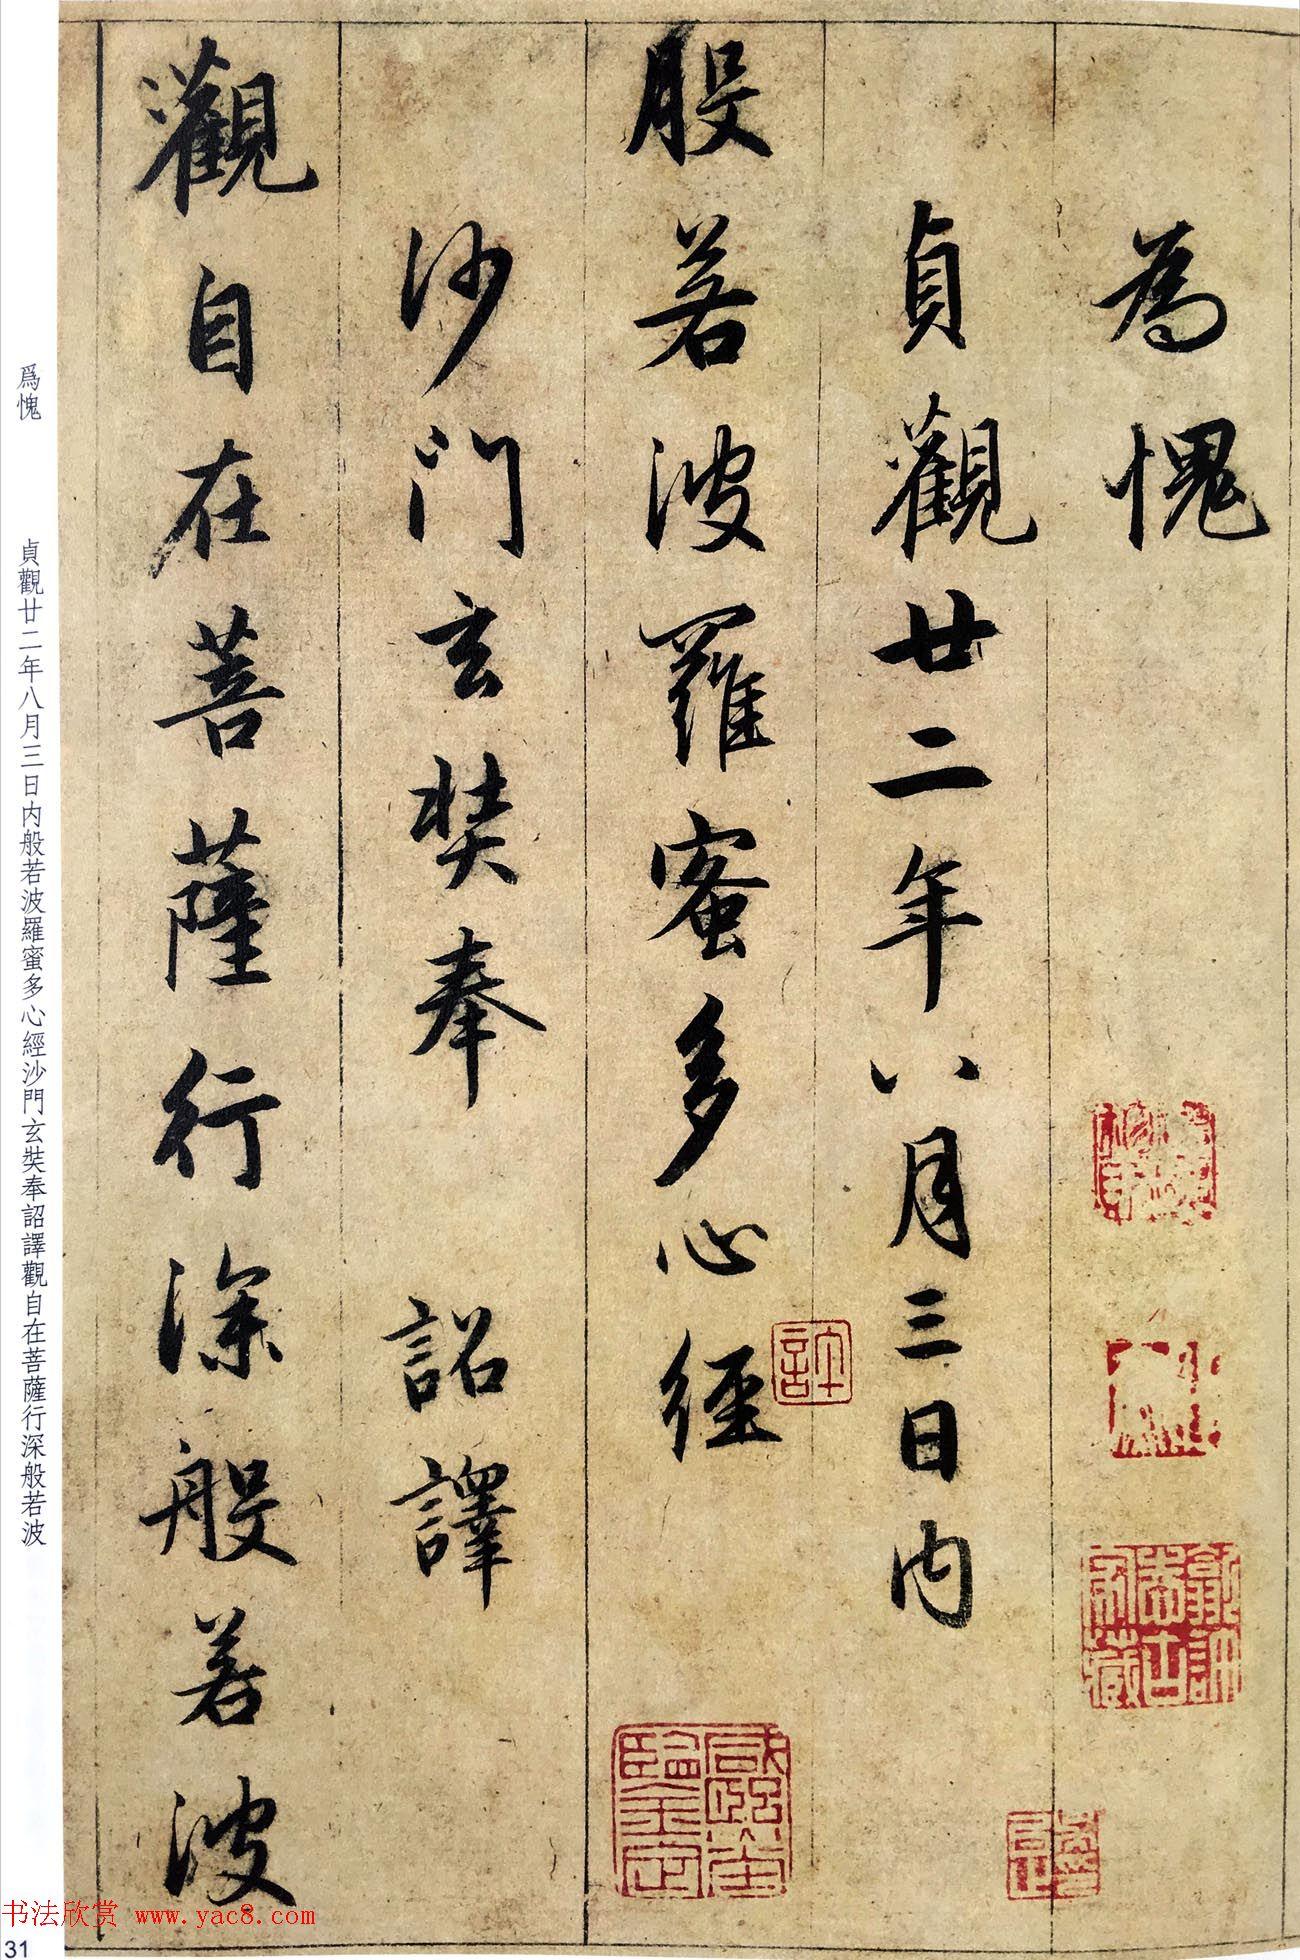 赵孟頫六十岁书法《临圣教序》高清彩版